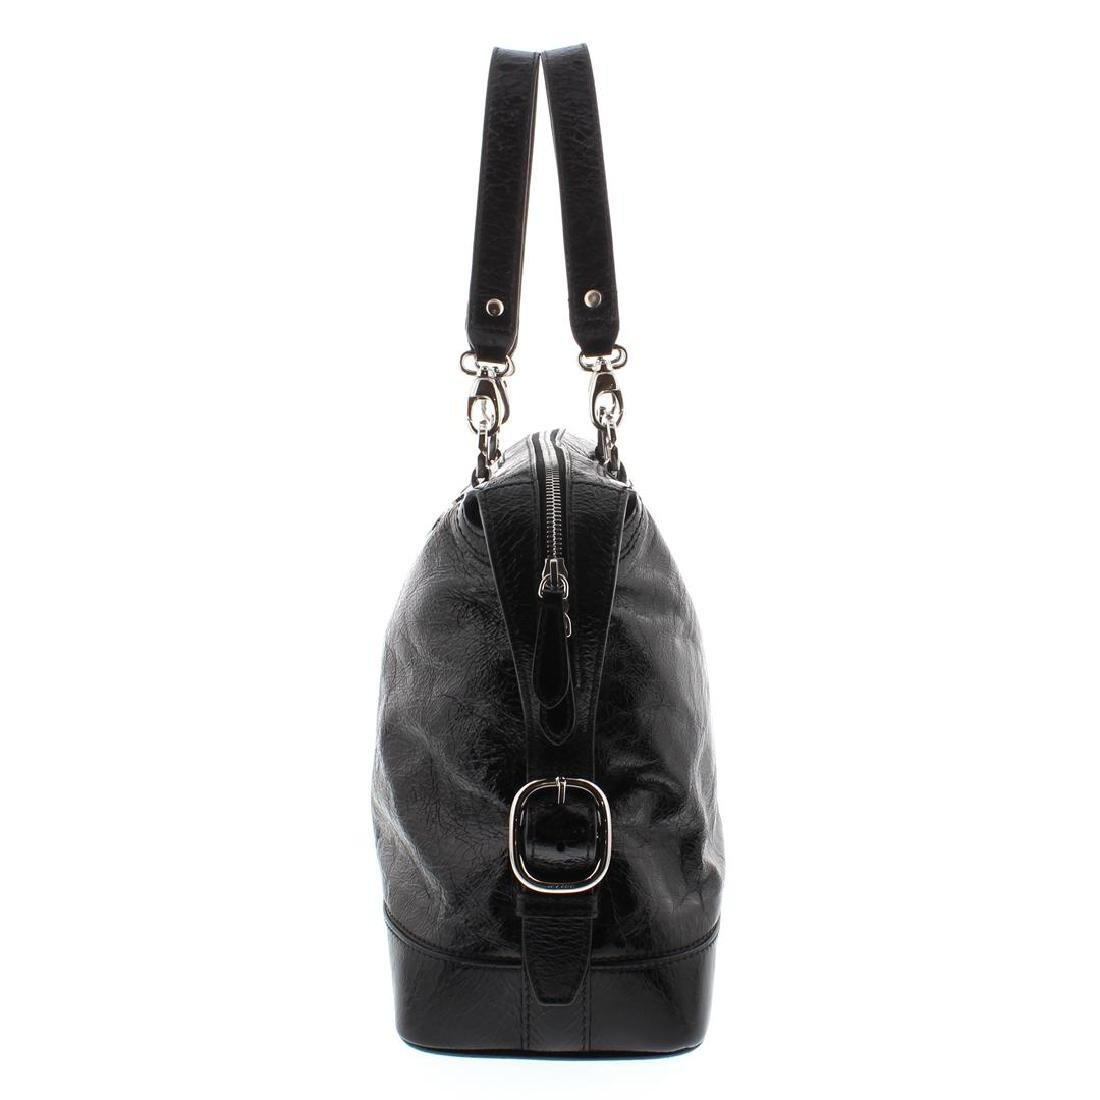 Celine Black Distressed Patent Leather Shoulder Handbag - 6